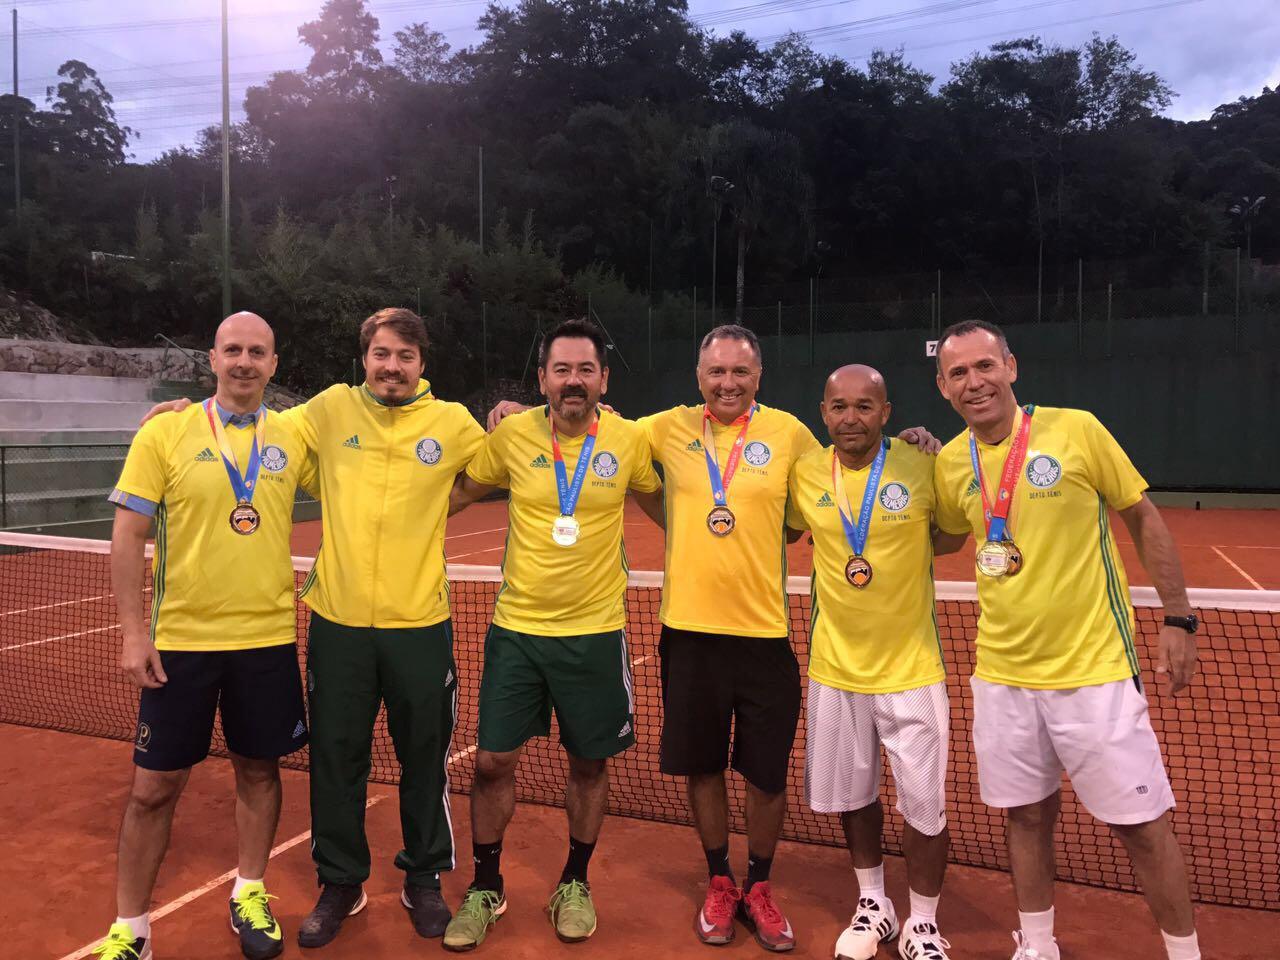 Divulgação_A equipe do Verdão ficou com o primeiro lugar na categoria 45 Anos Masculino